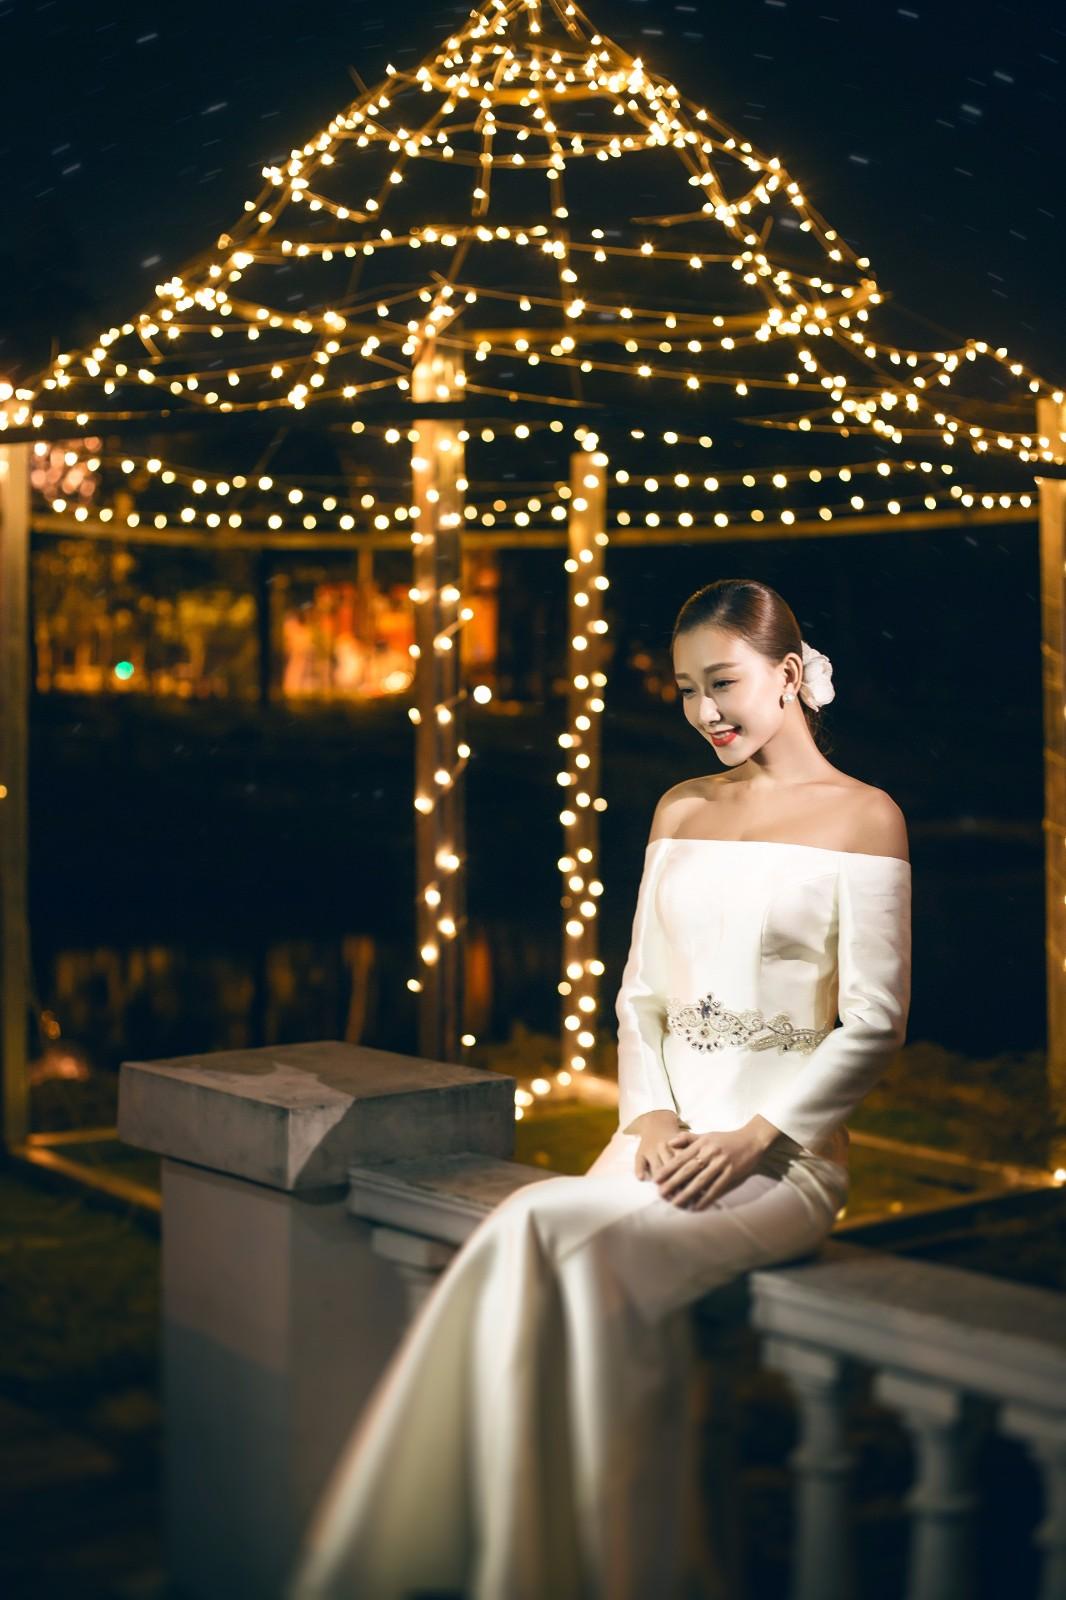 复古婚纱照怎么拍才好看,选择类型也很重要